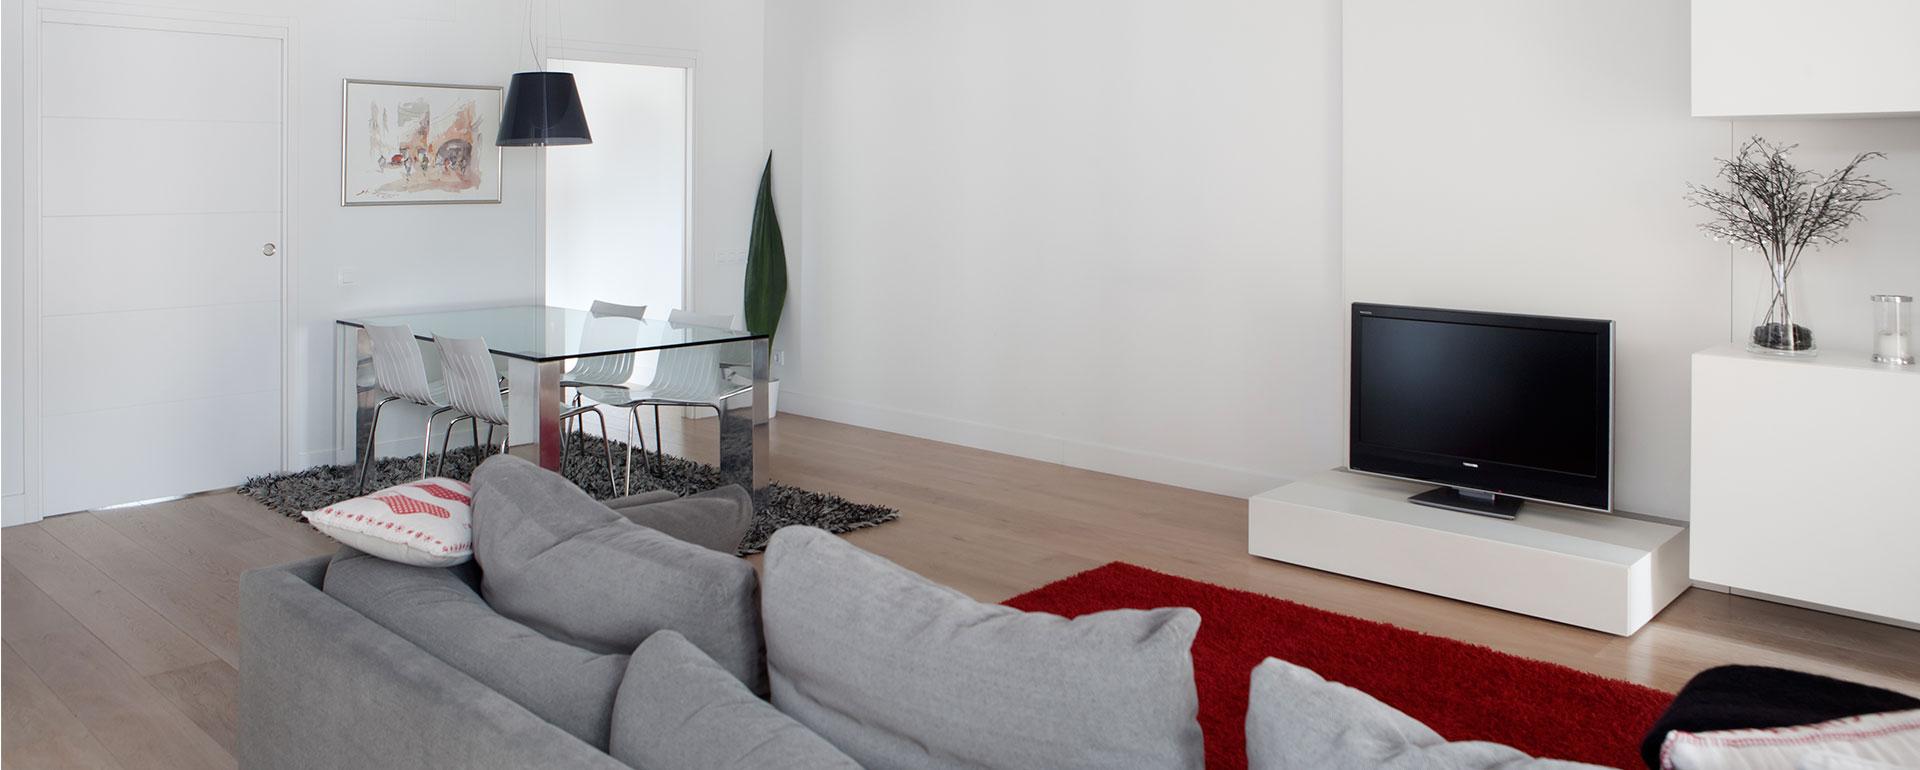 Rehabilitación de una vivienda en la ciudad de Logroño